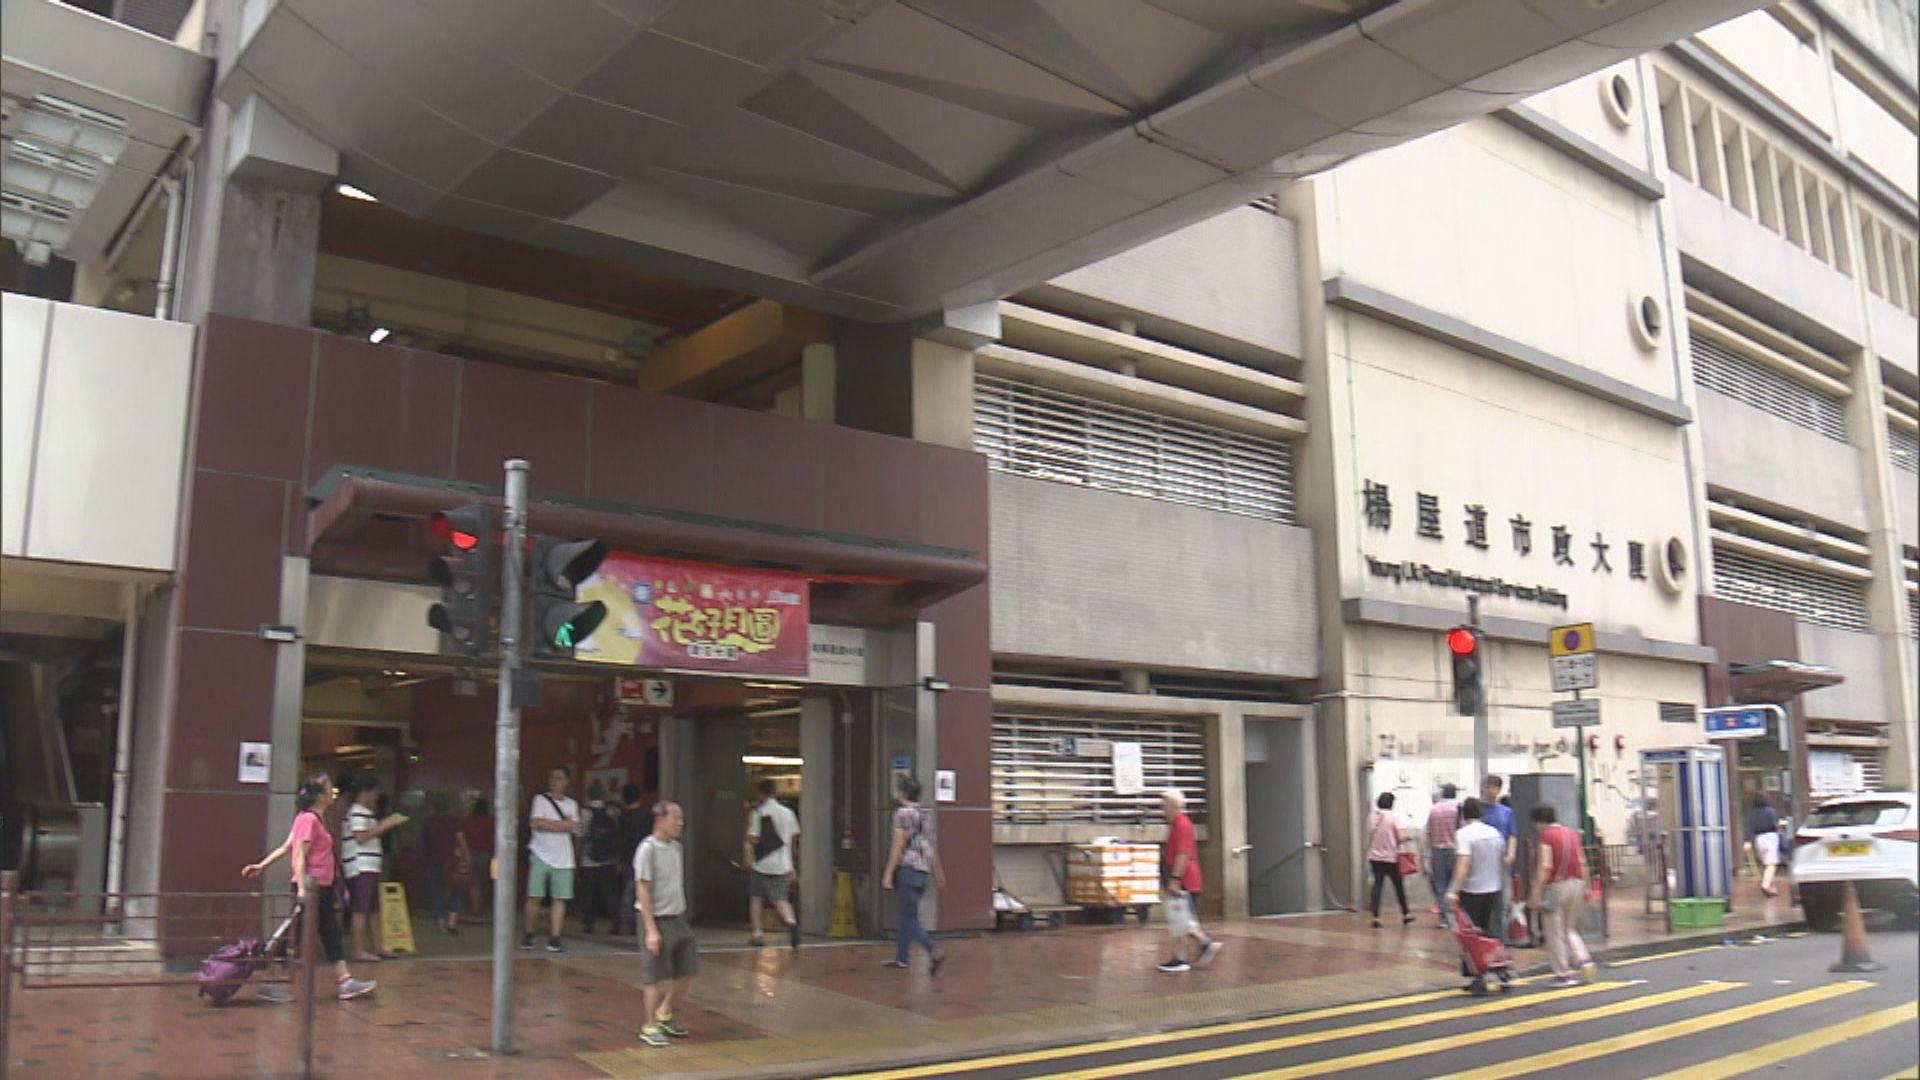 二陂坊被示威者破壞的店舖暫停營業